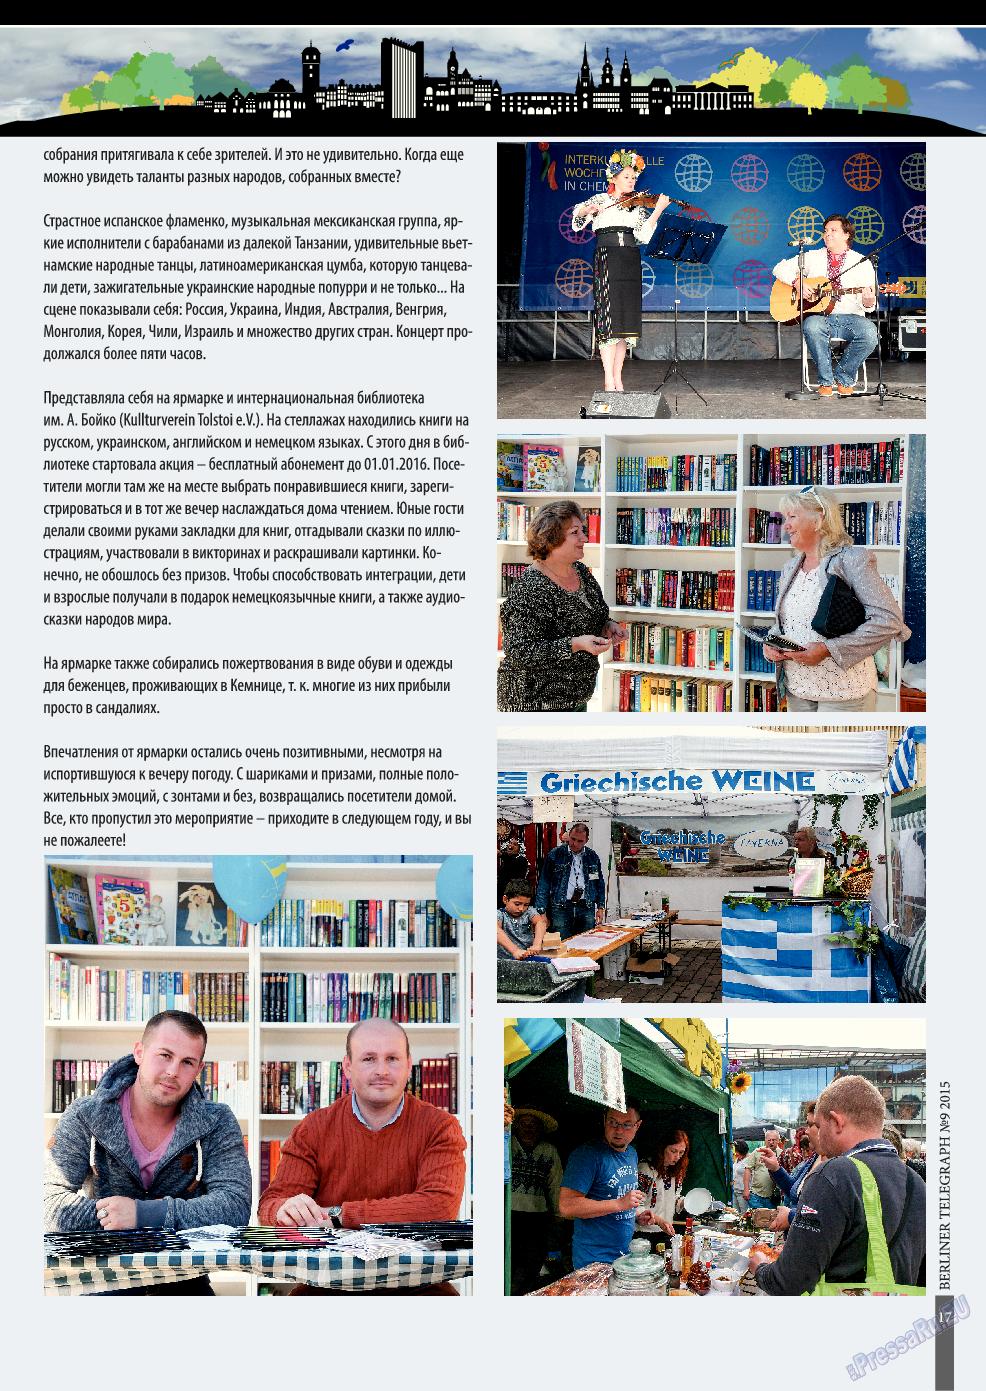 Берлинский телеграф (журнал). 2015 год, номер 10, стр. 17